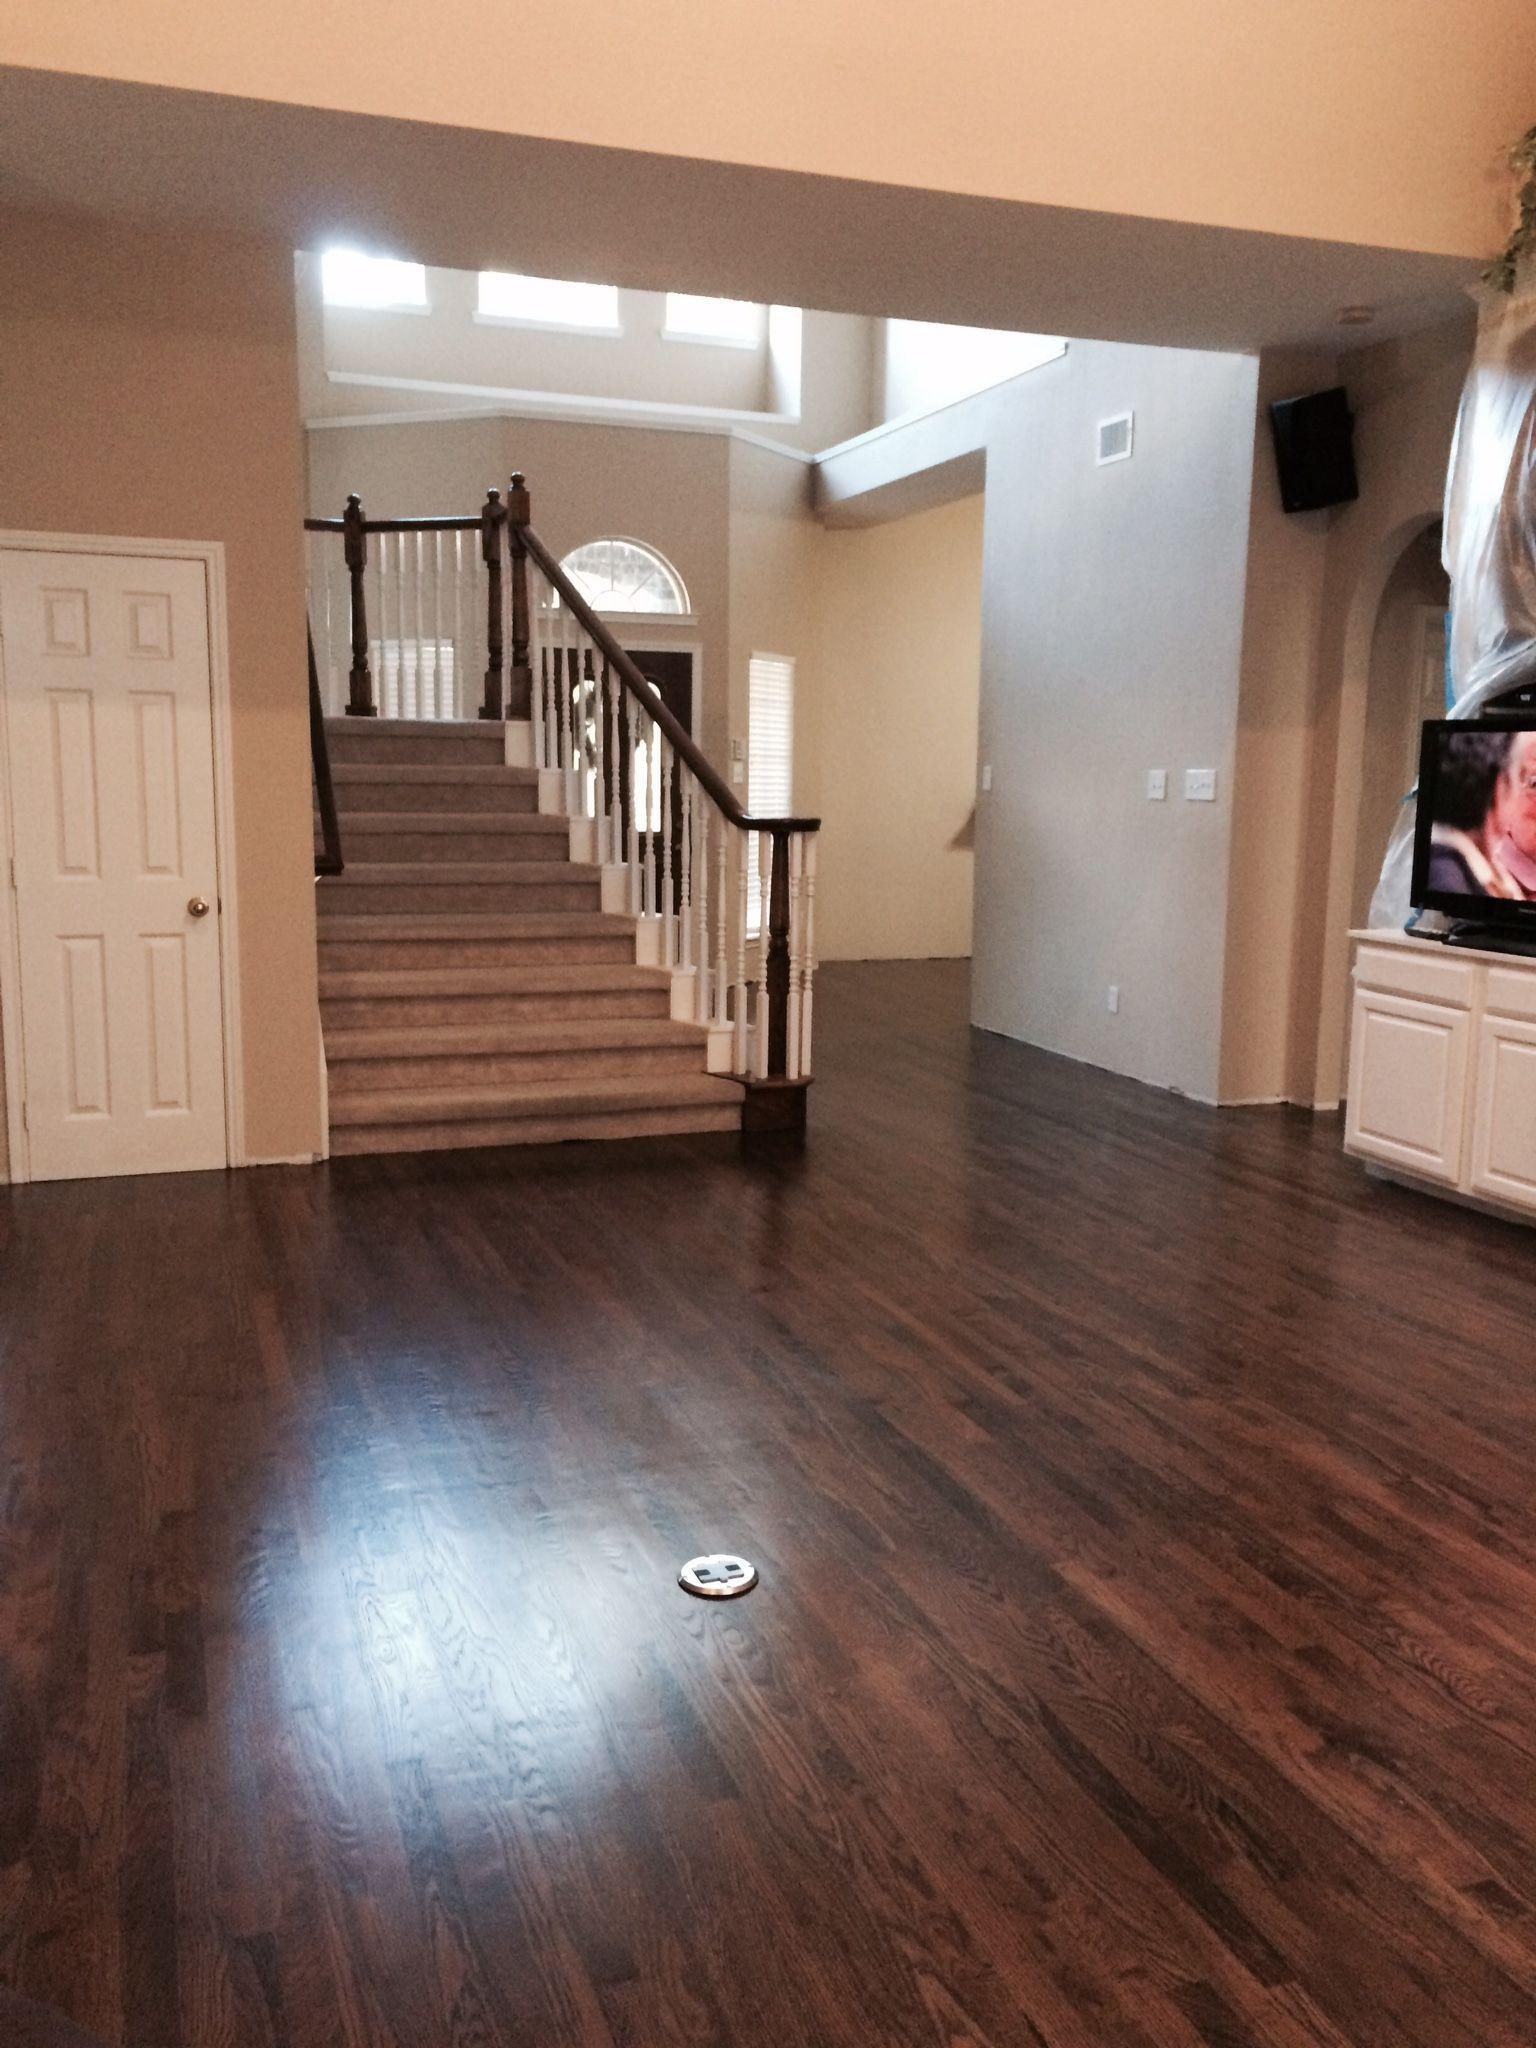 old hardwood floors under carpet of dark walnut stain on white oak hardwood remodel 1floors in 2018 throughout dark walnut stain on white oak hardwood walnut hardwood flooring hardwood floor stain colors